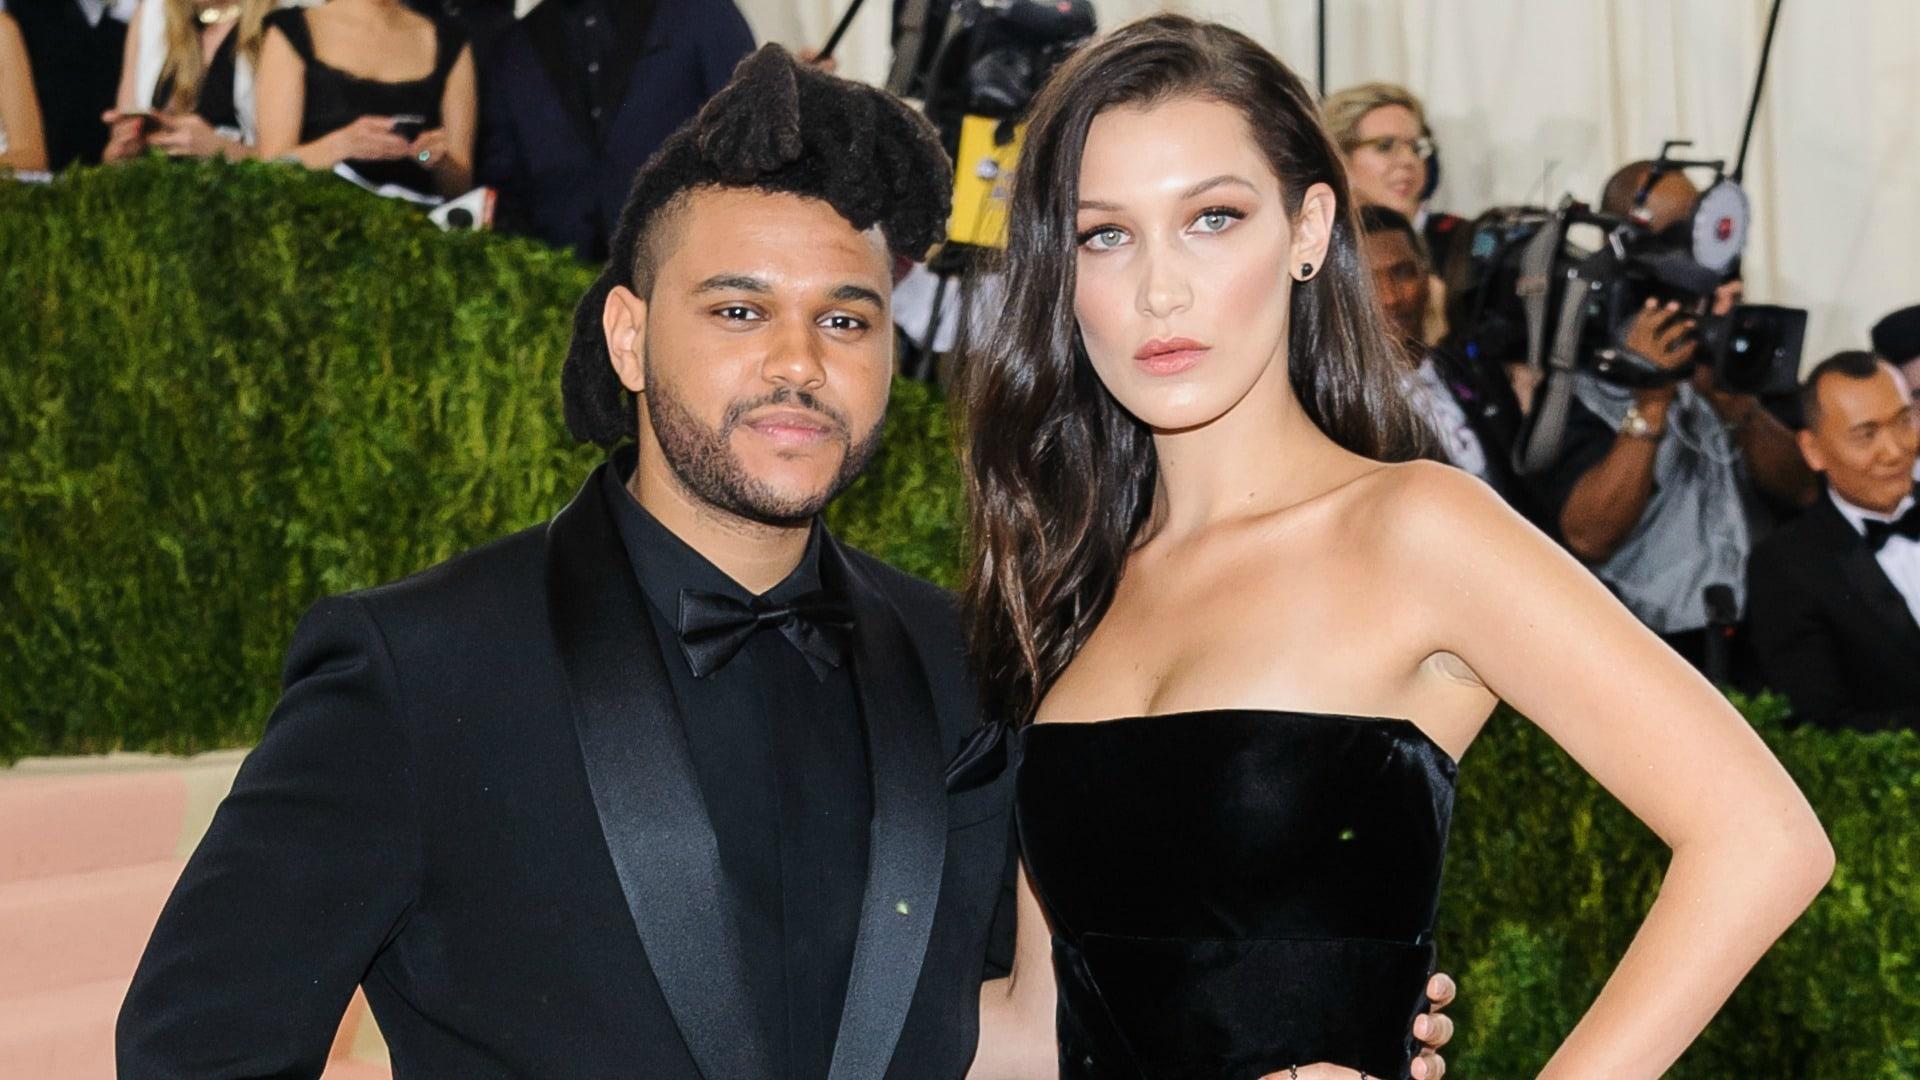 Bella Hadid y The Weeknd volvieron a romper su relación: la crónica de un  romance inestable - Infobae